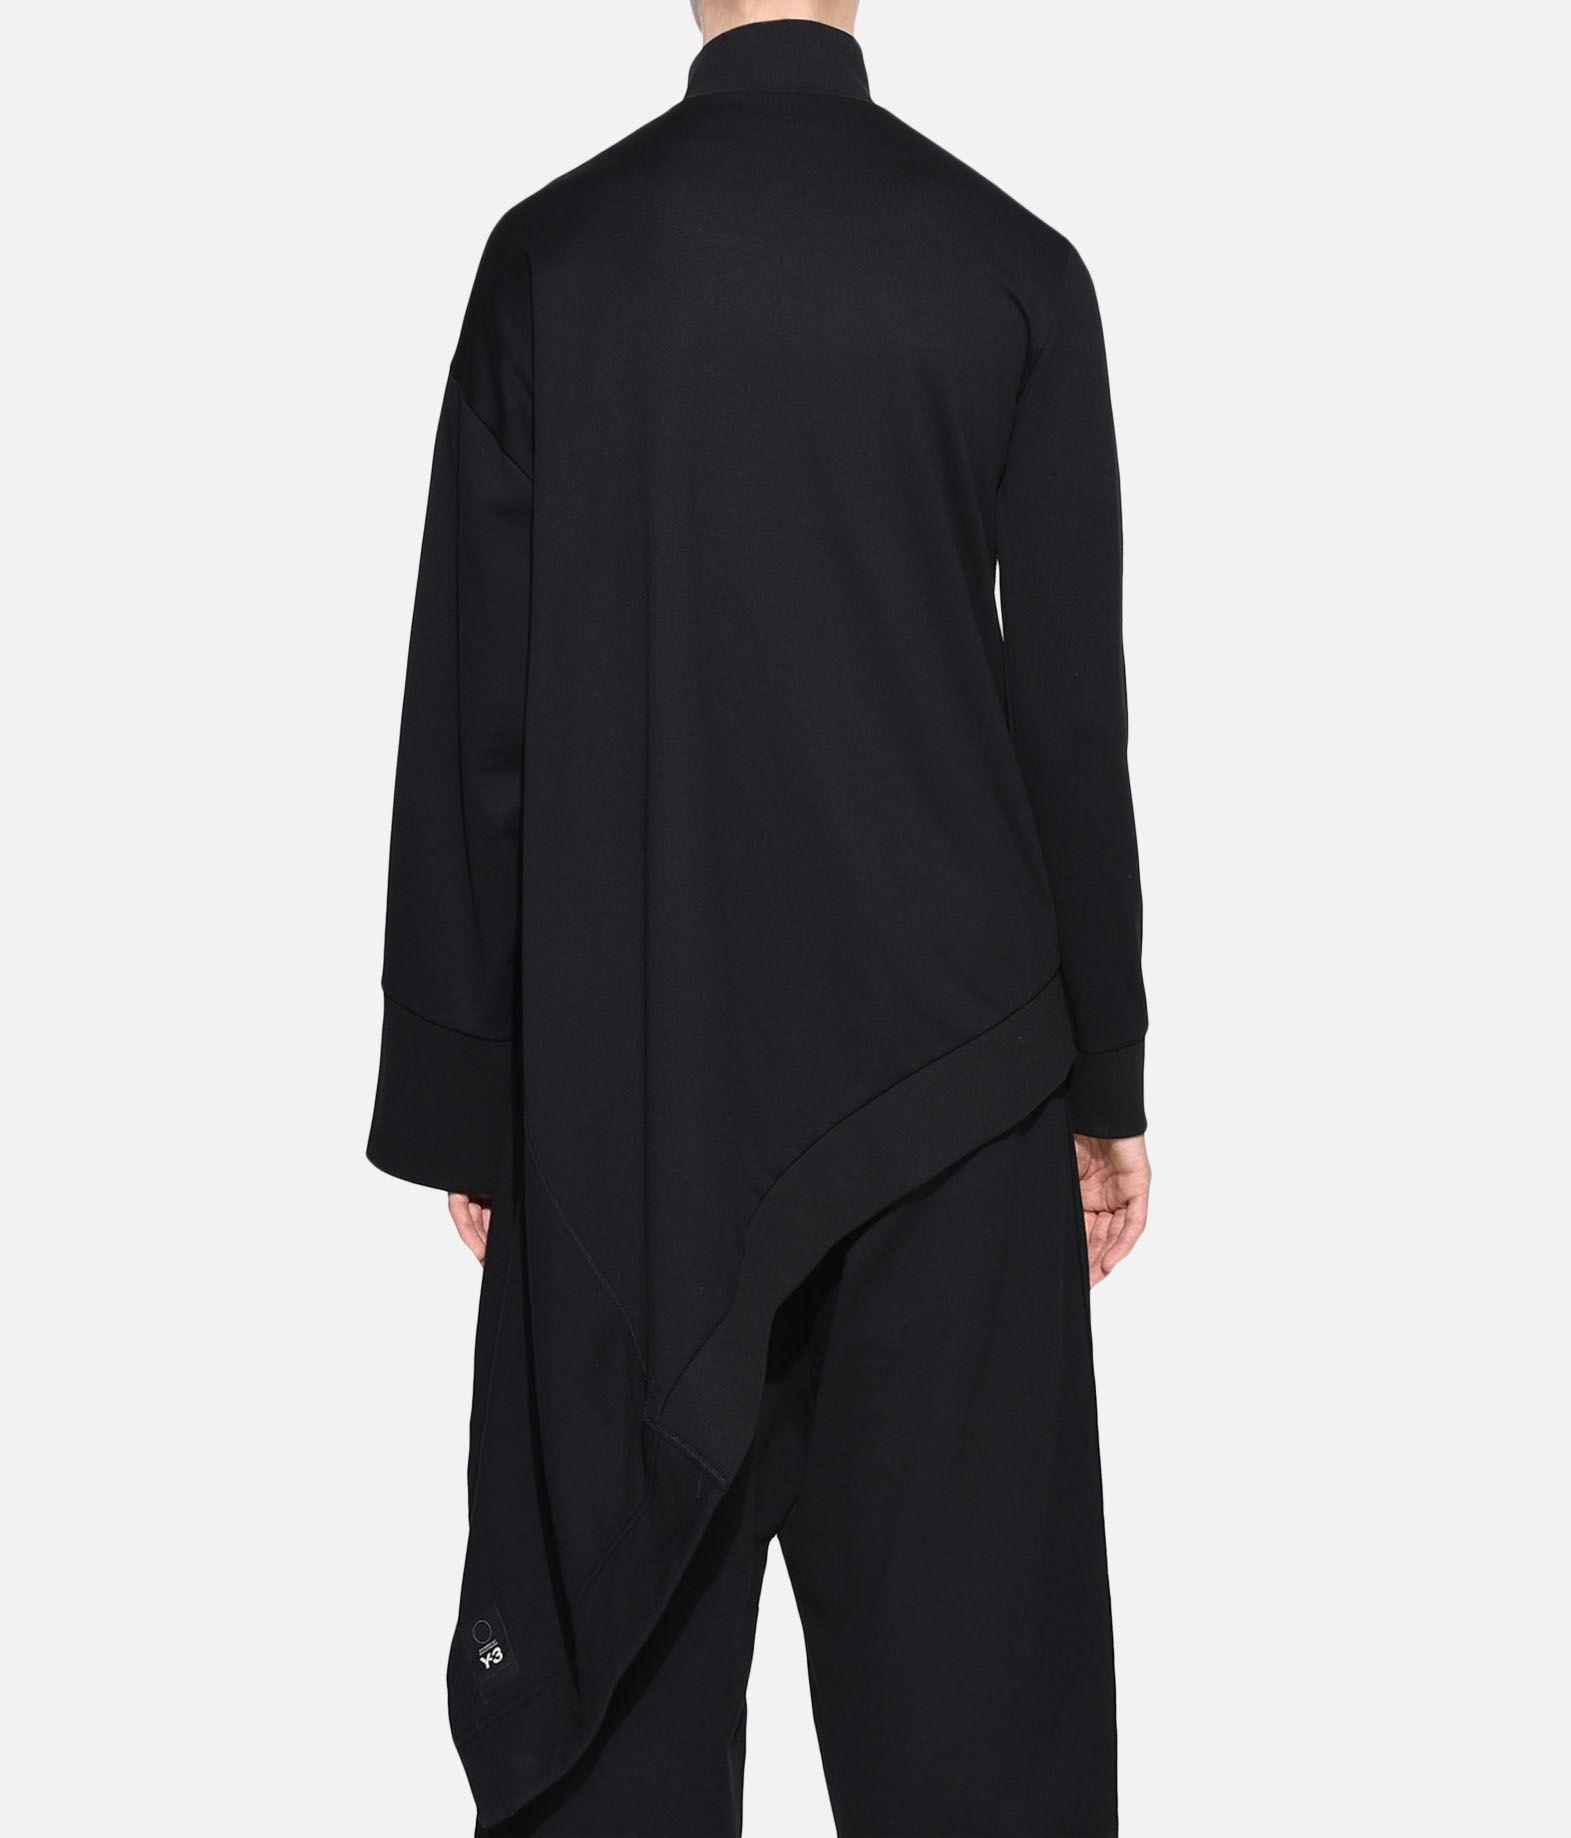 Y-3 Y-3 Tailed Track Jacket Пиджак Для Женщин d